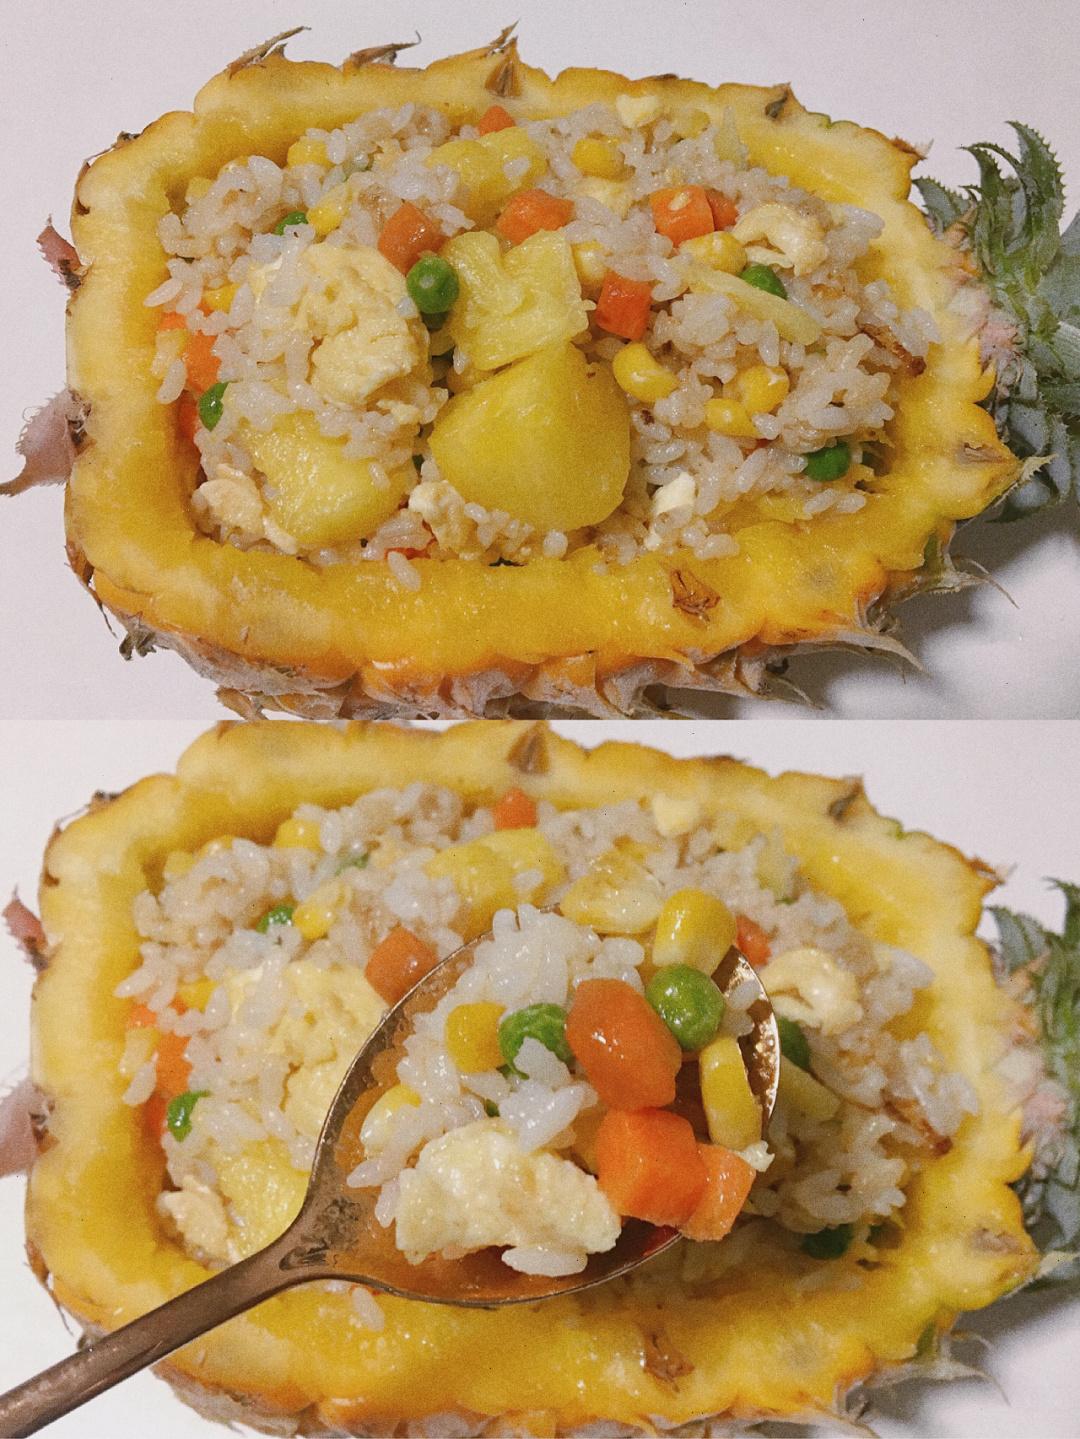 秒杀蛋炒饭的菠萝炒饭,喷香的米饭伴随菠萝的酸甜,一锅都不够吃